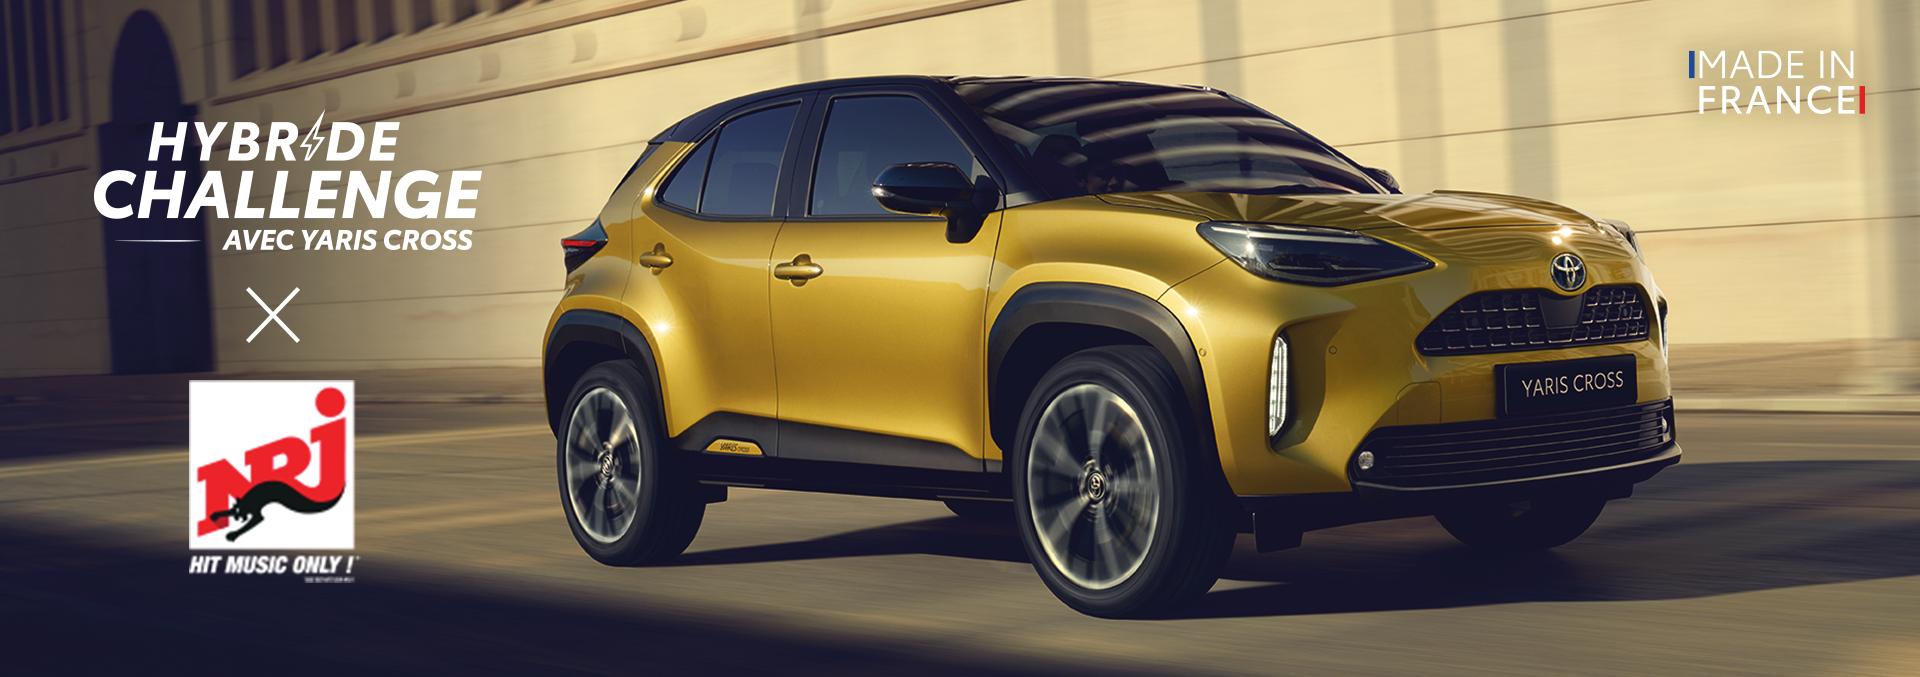 Toyota, The&Partnership et NRJ Global roulent ensemble pour l'hybride challenge